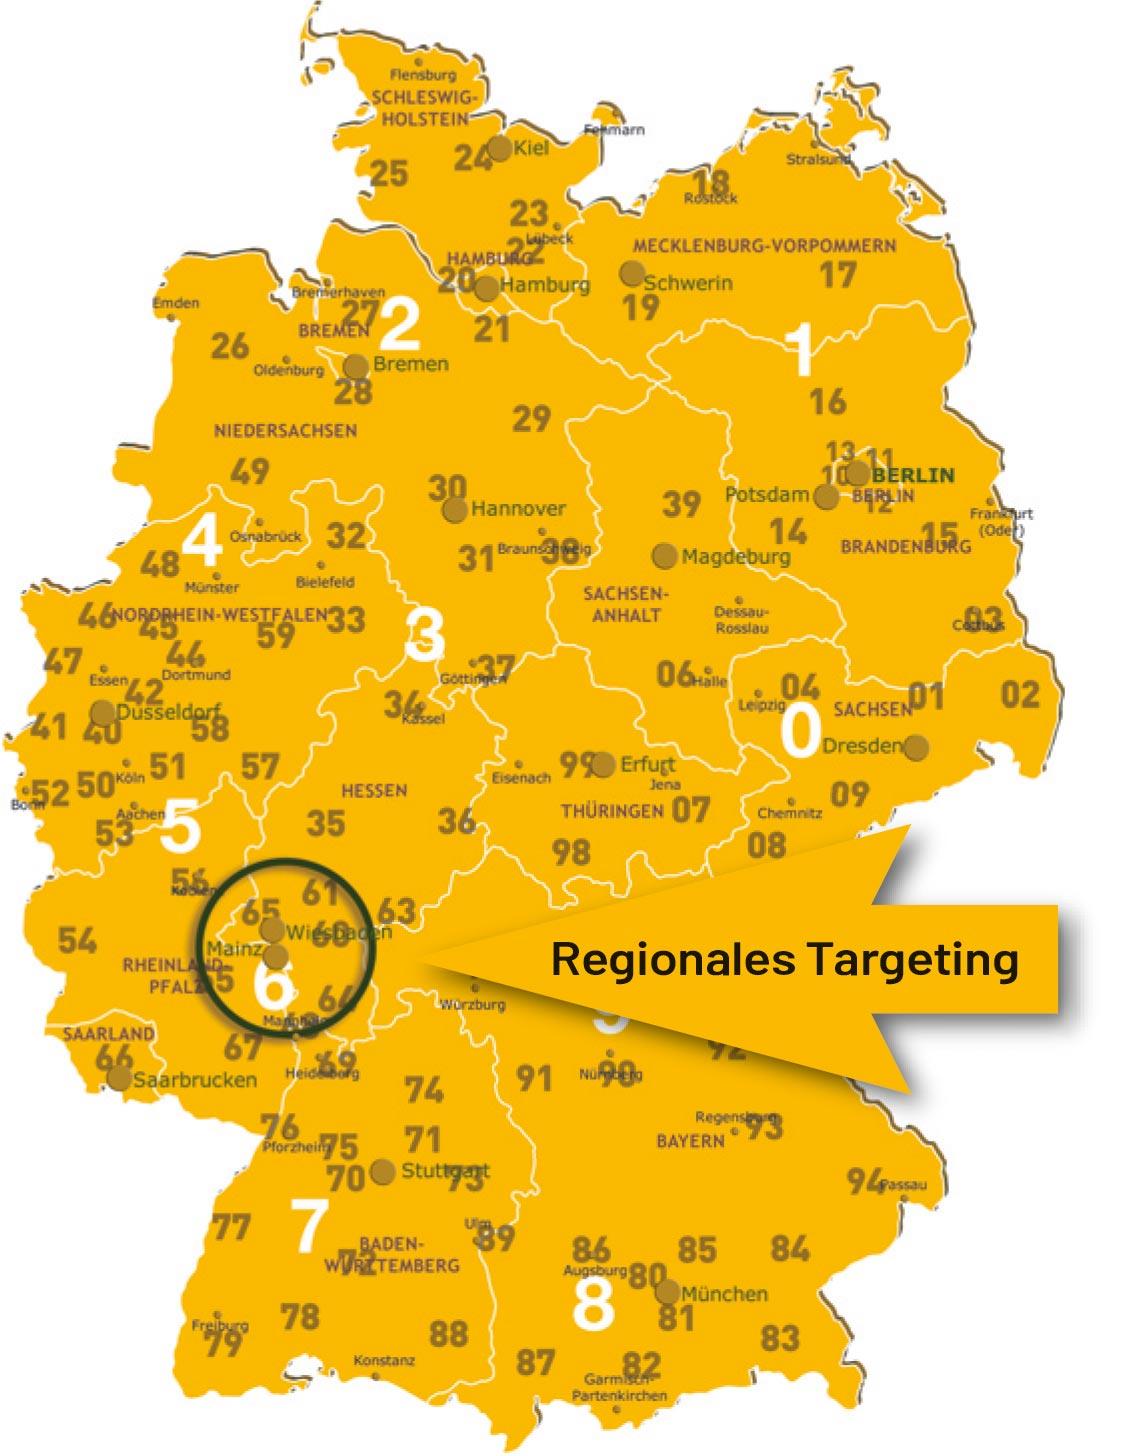 Regionales Targeting